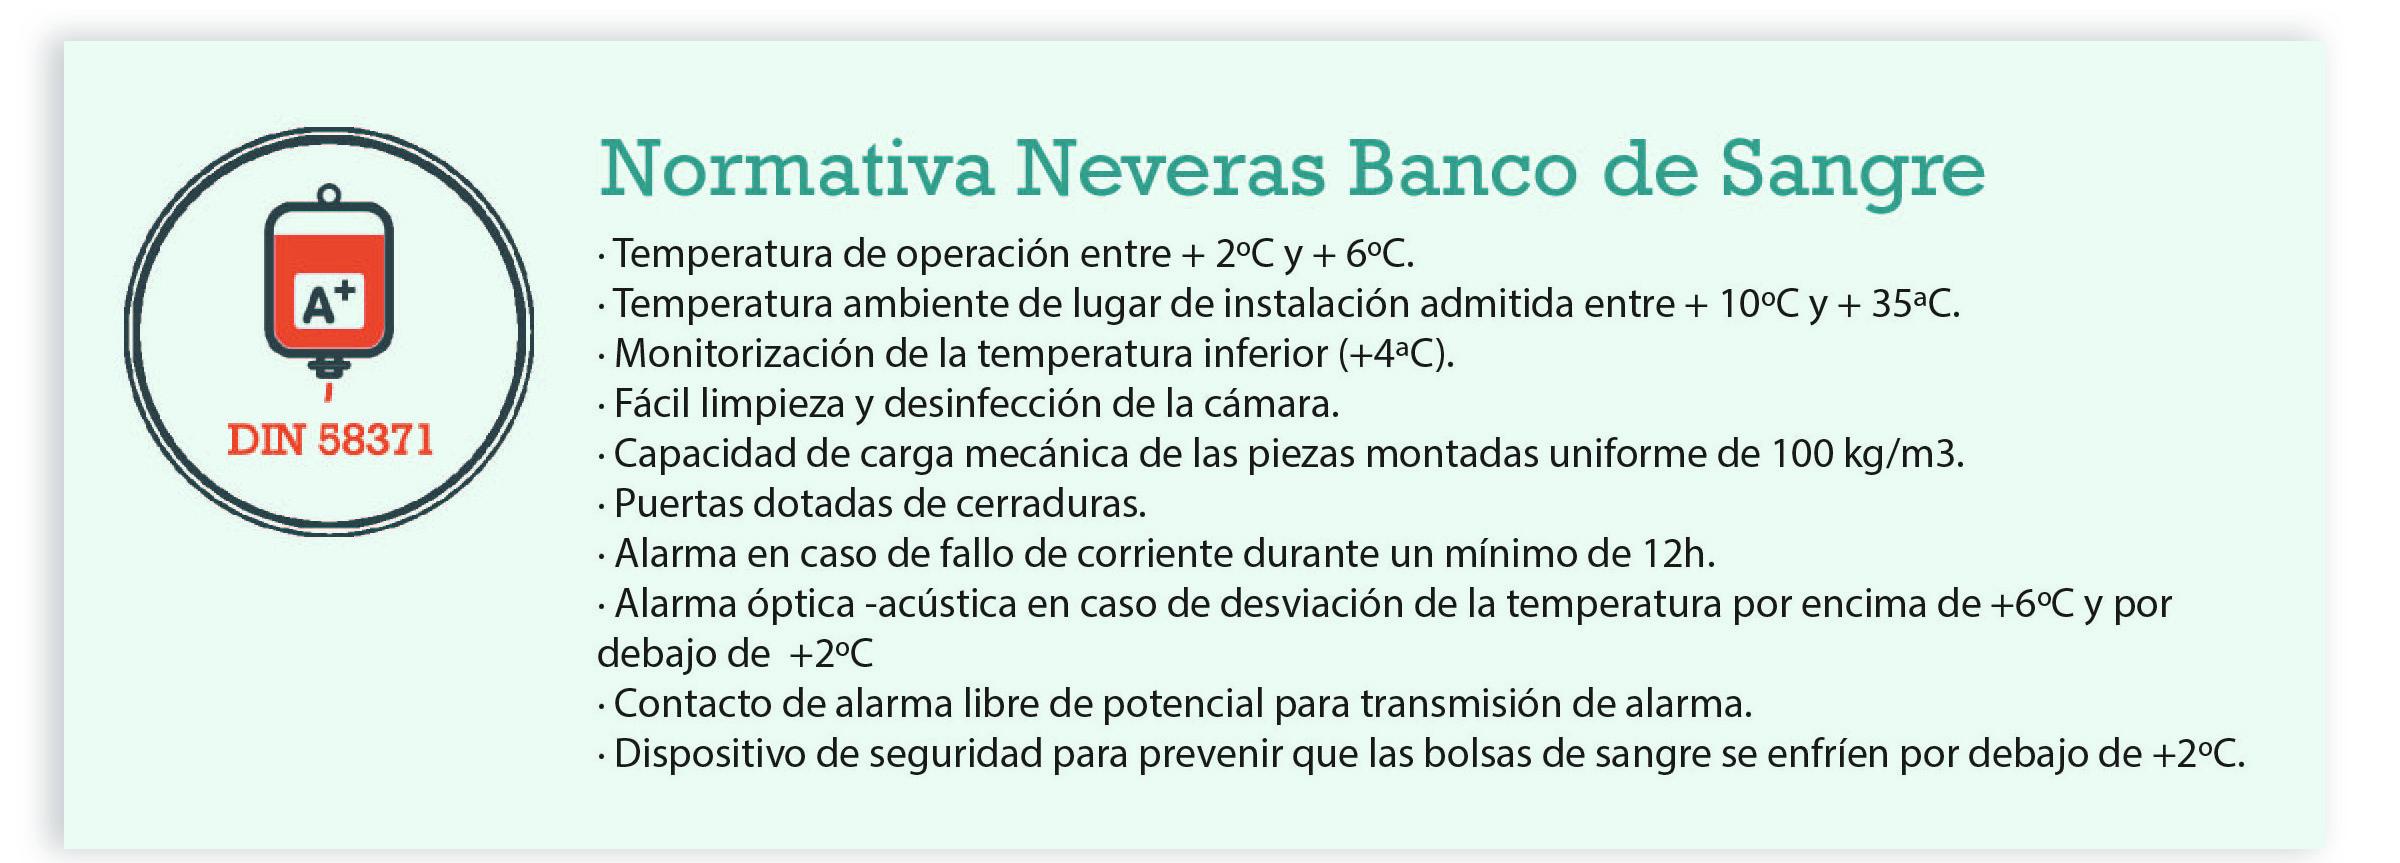 Din-58371-58375-Banco-sangre